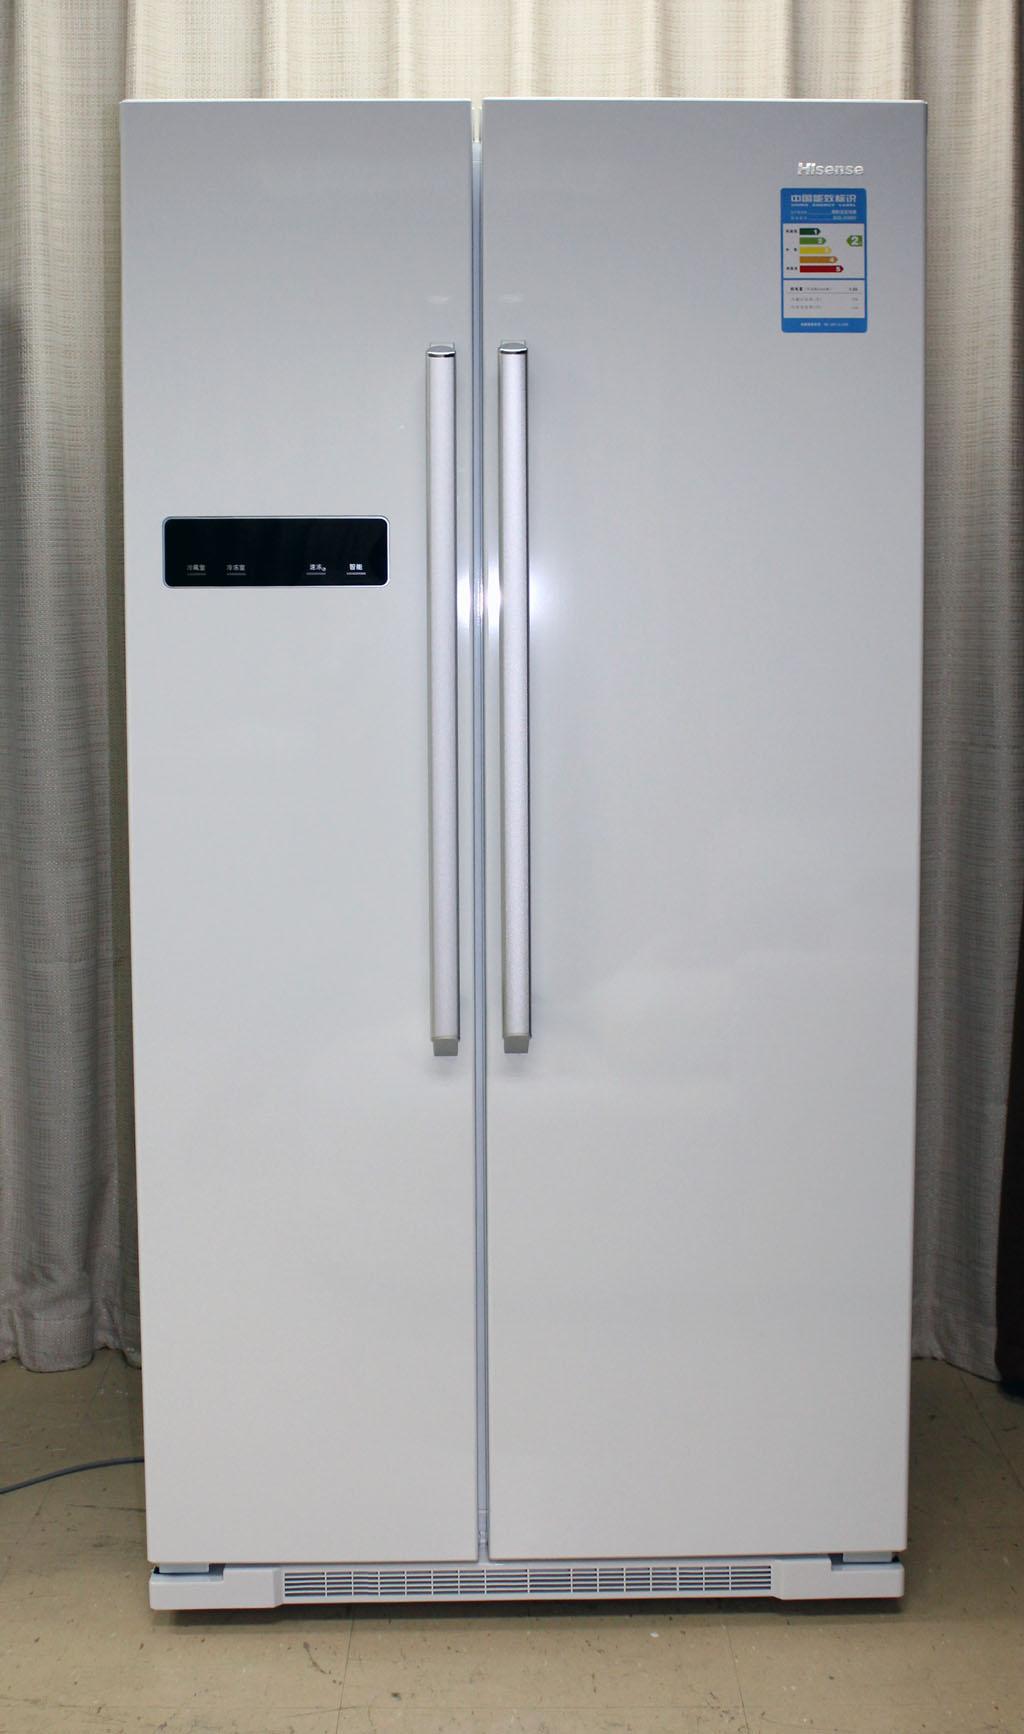 纯白色诱惑 海信对开门冰箱多图图赏